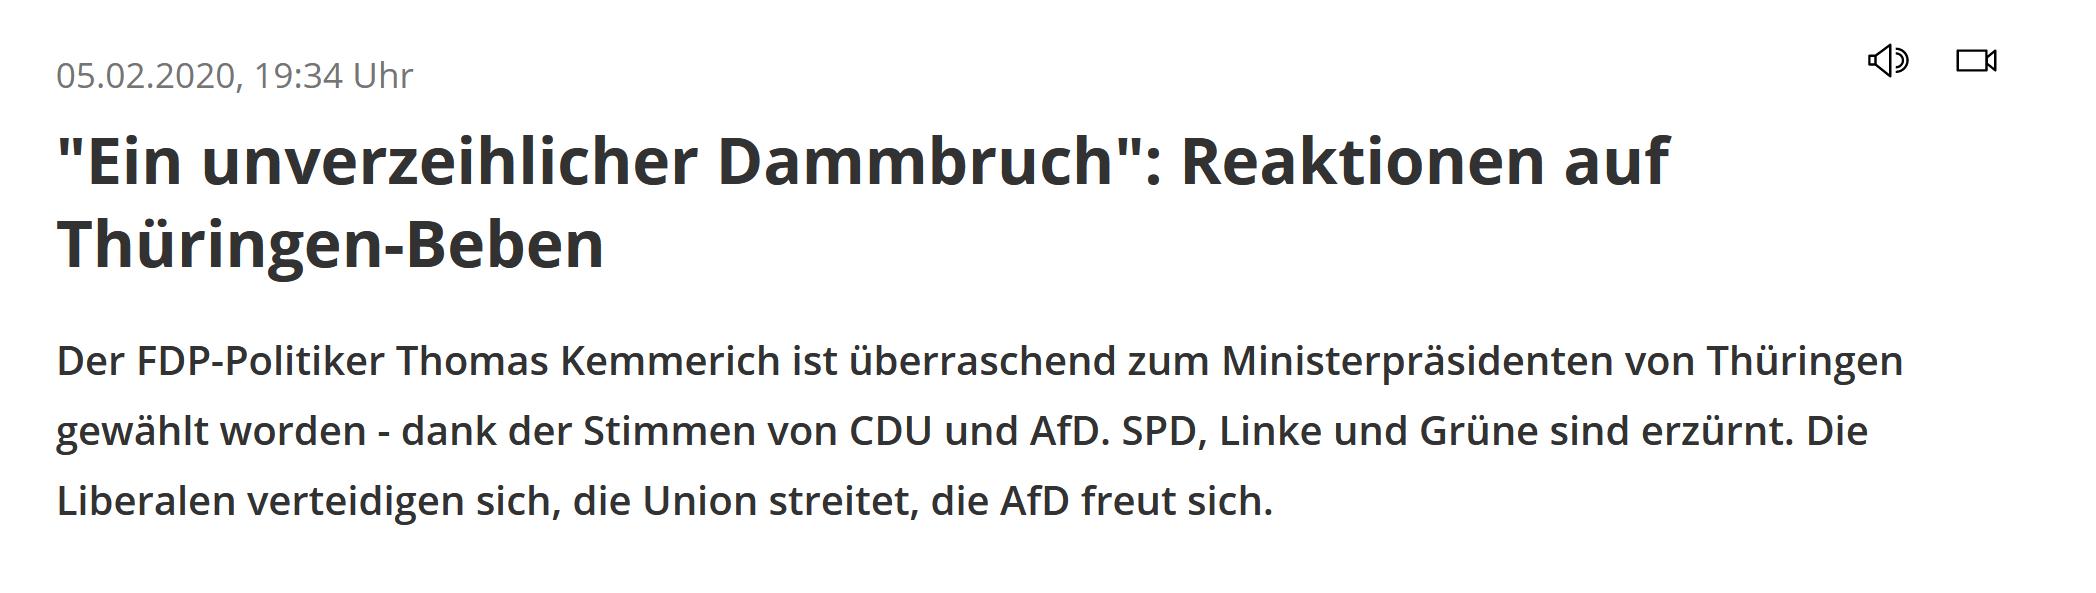 """""""Ein unverzeilicher Dammbruch: Reaktionen auf Thüringen-Beben"""""""